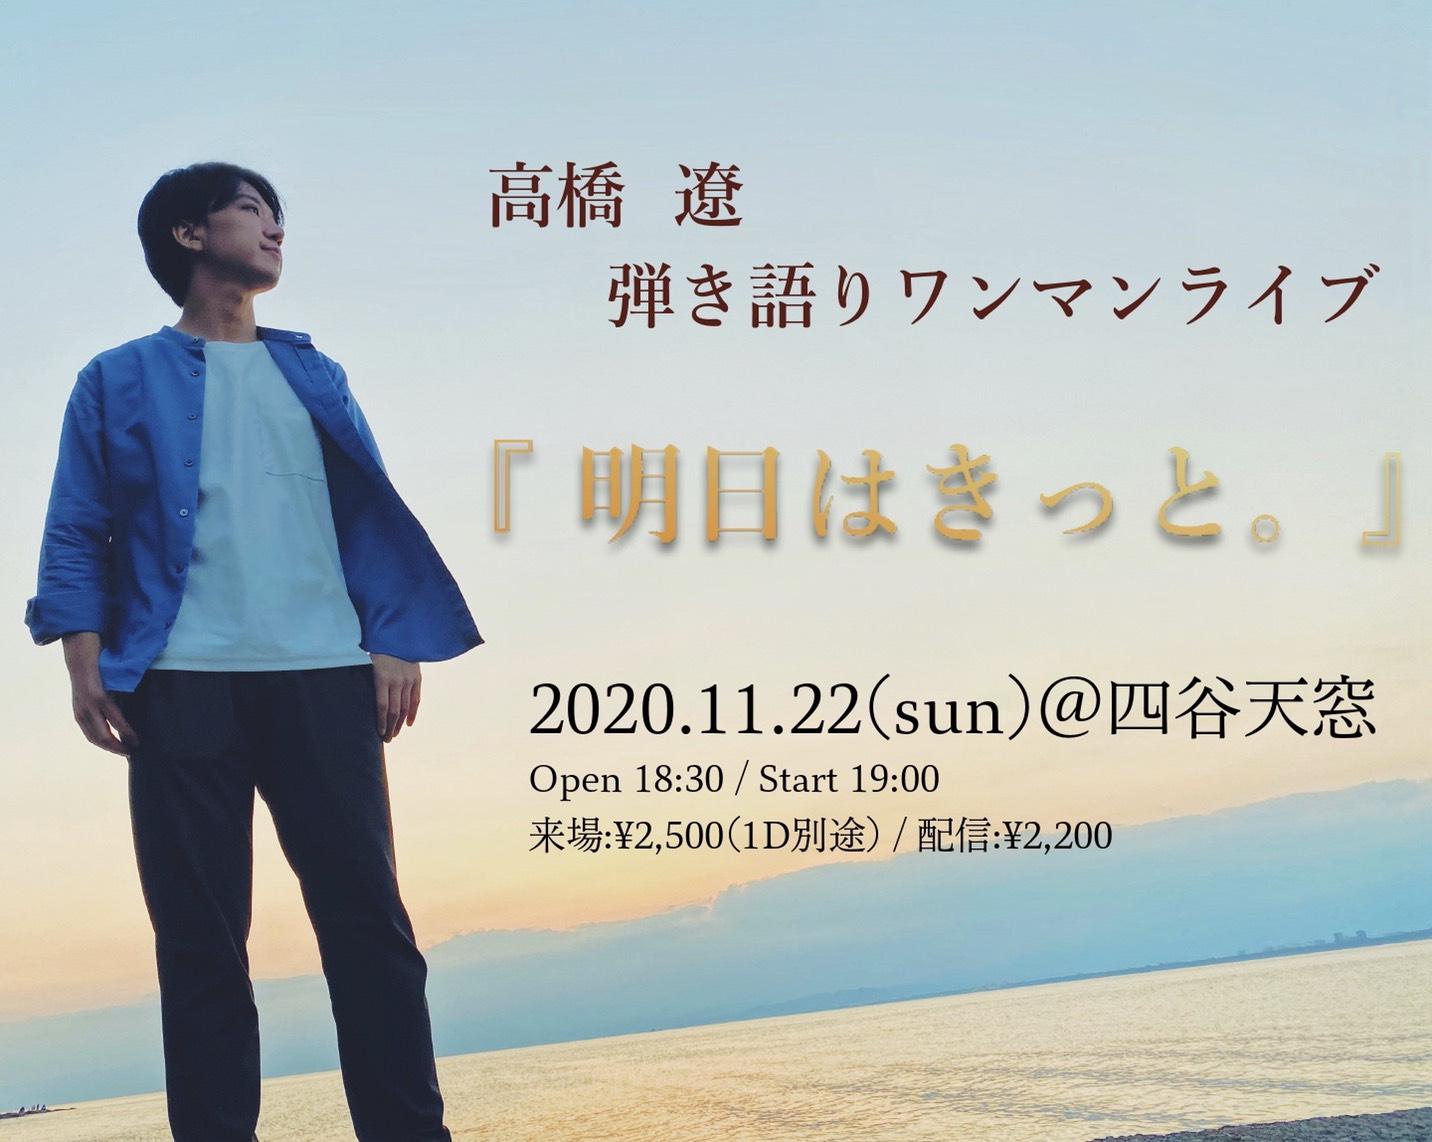 高橋遼 弾き語りワンマンライブ 『 明日はきっと。』